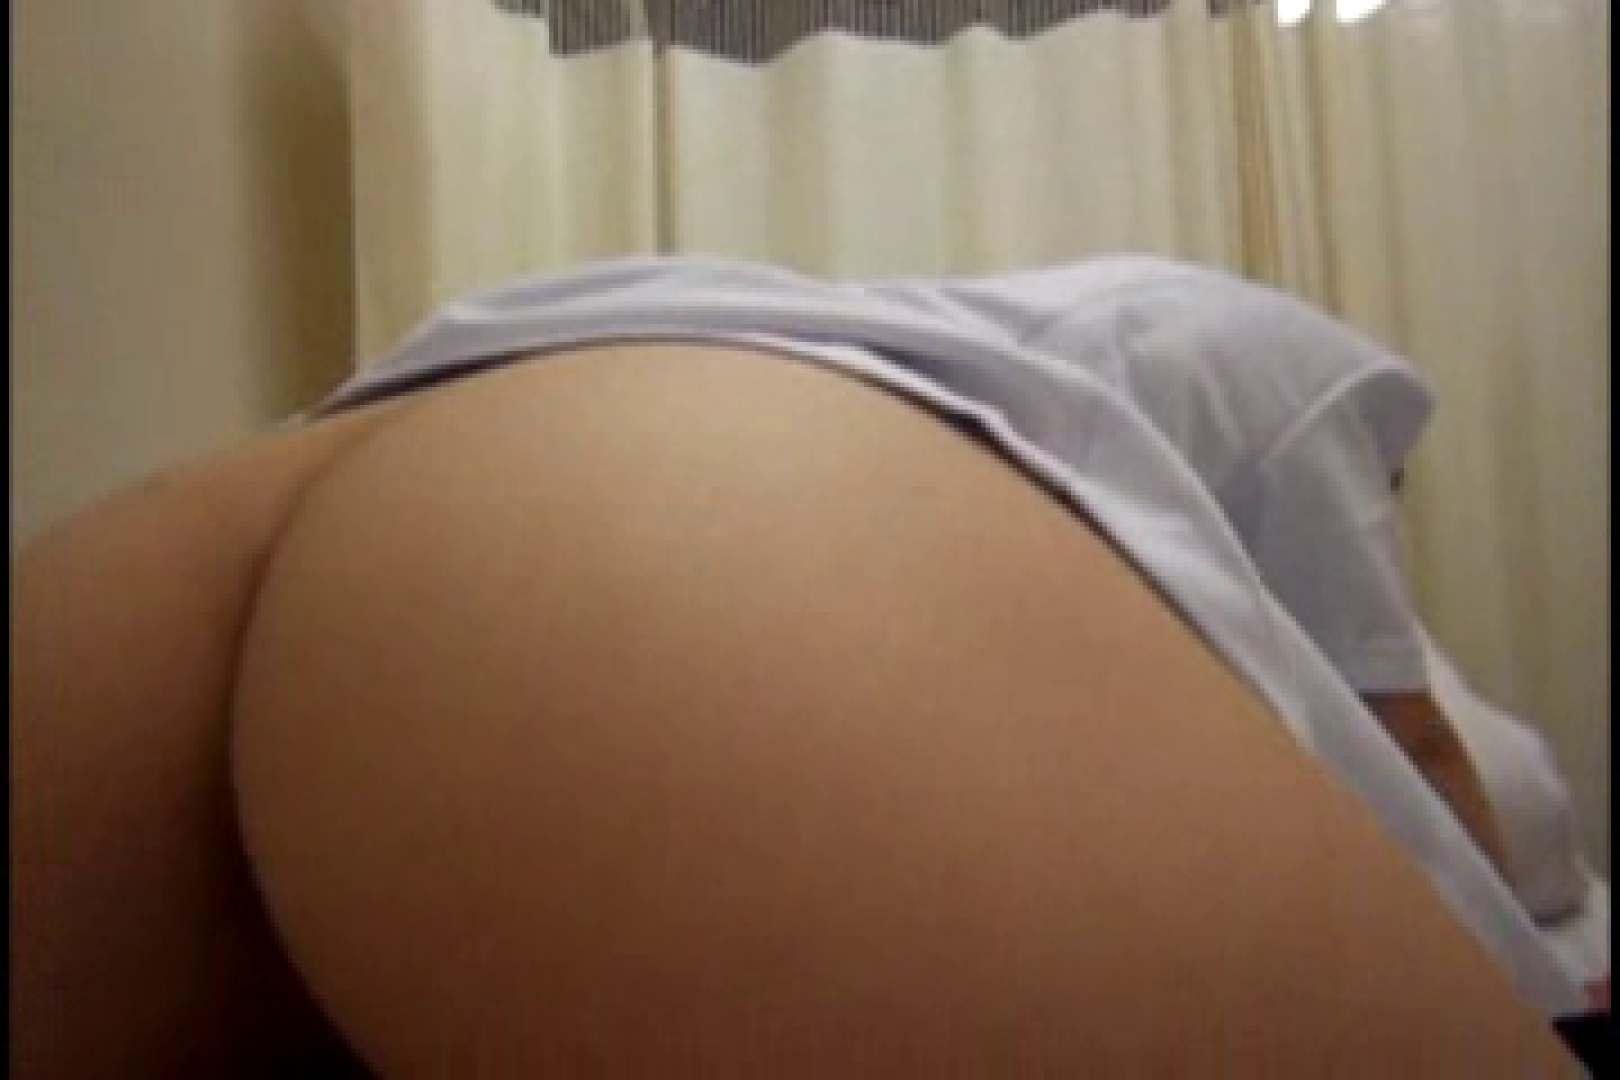 ヤリマンと呼ばれた看護士さんvol2 OLのエッチ アダルト動画キャプチャ 65pic 29